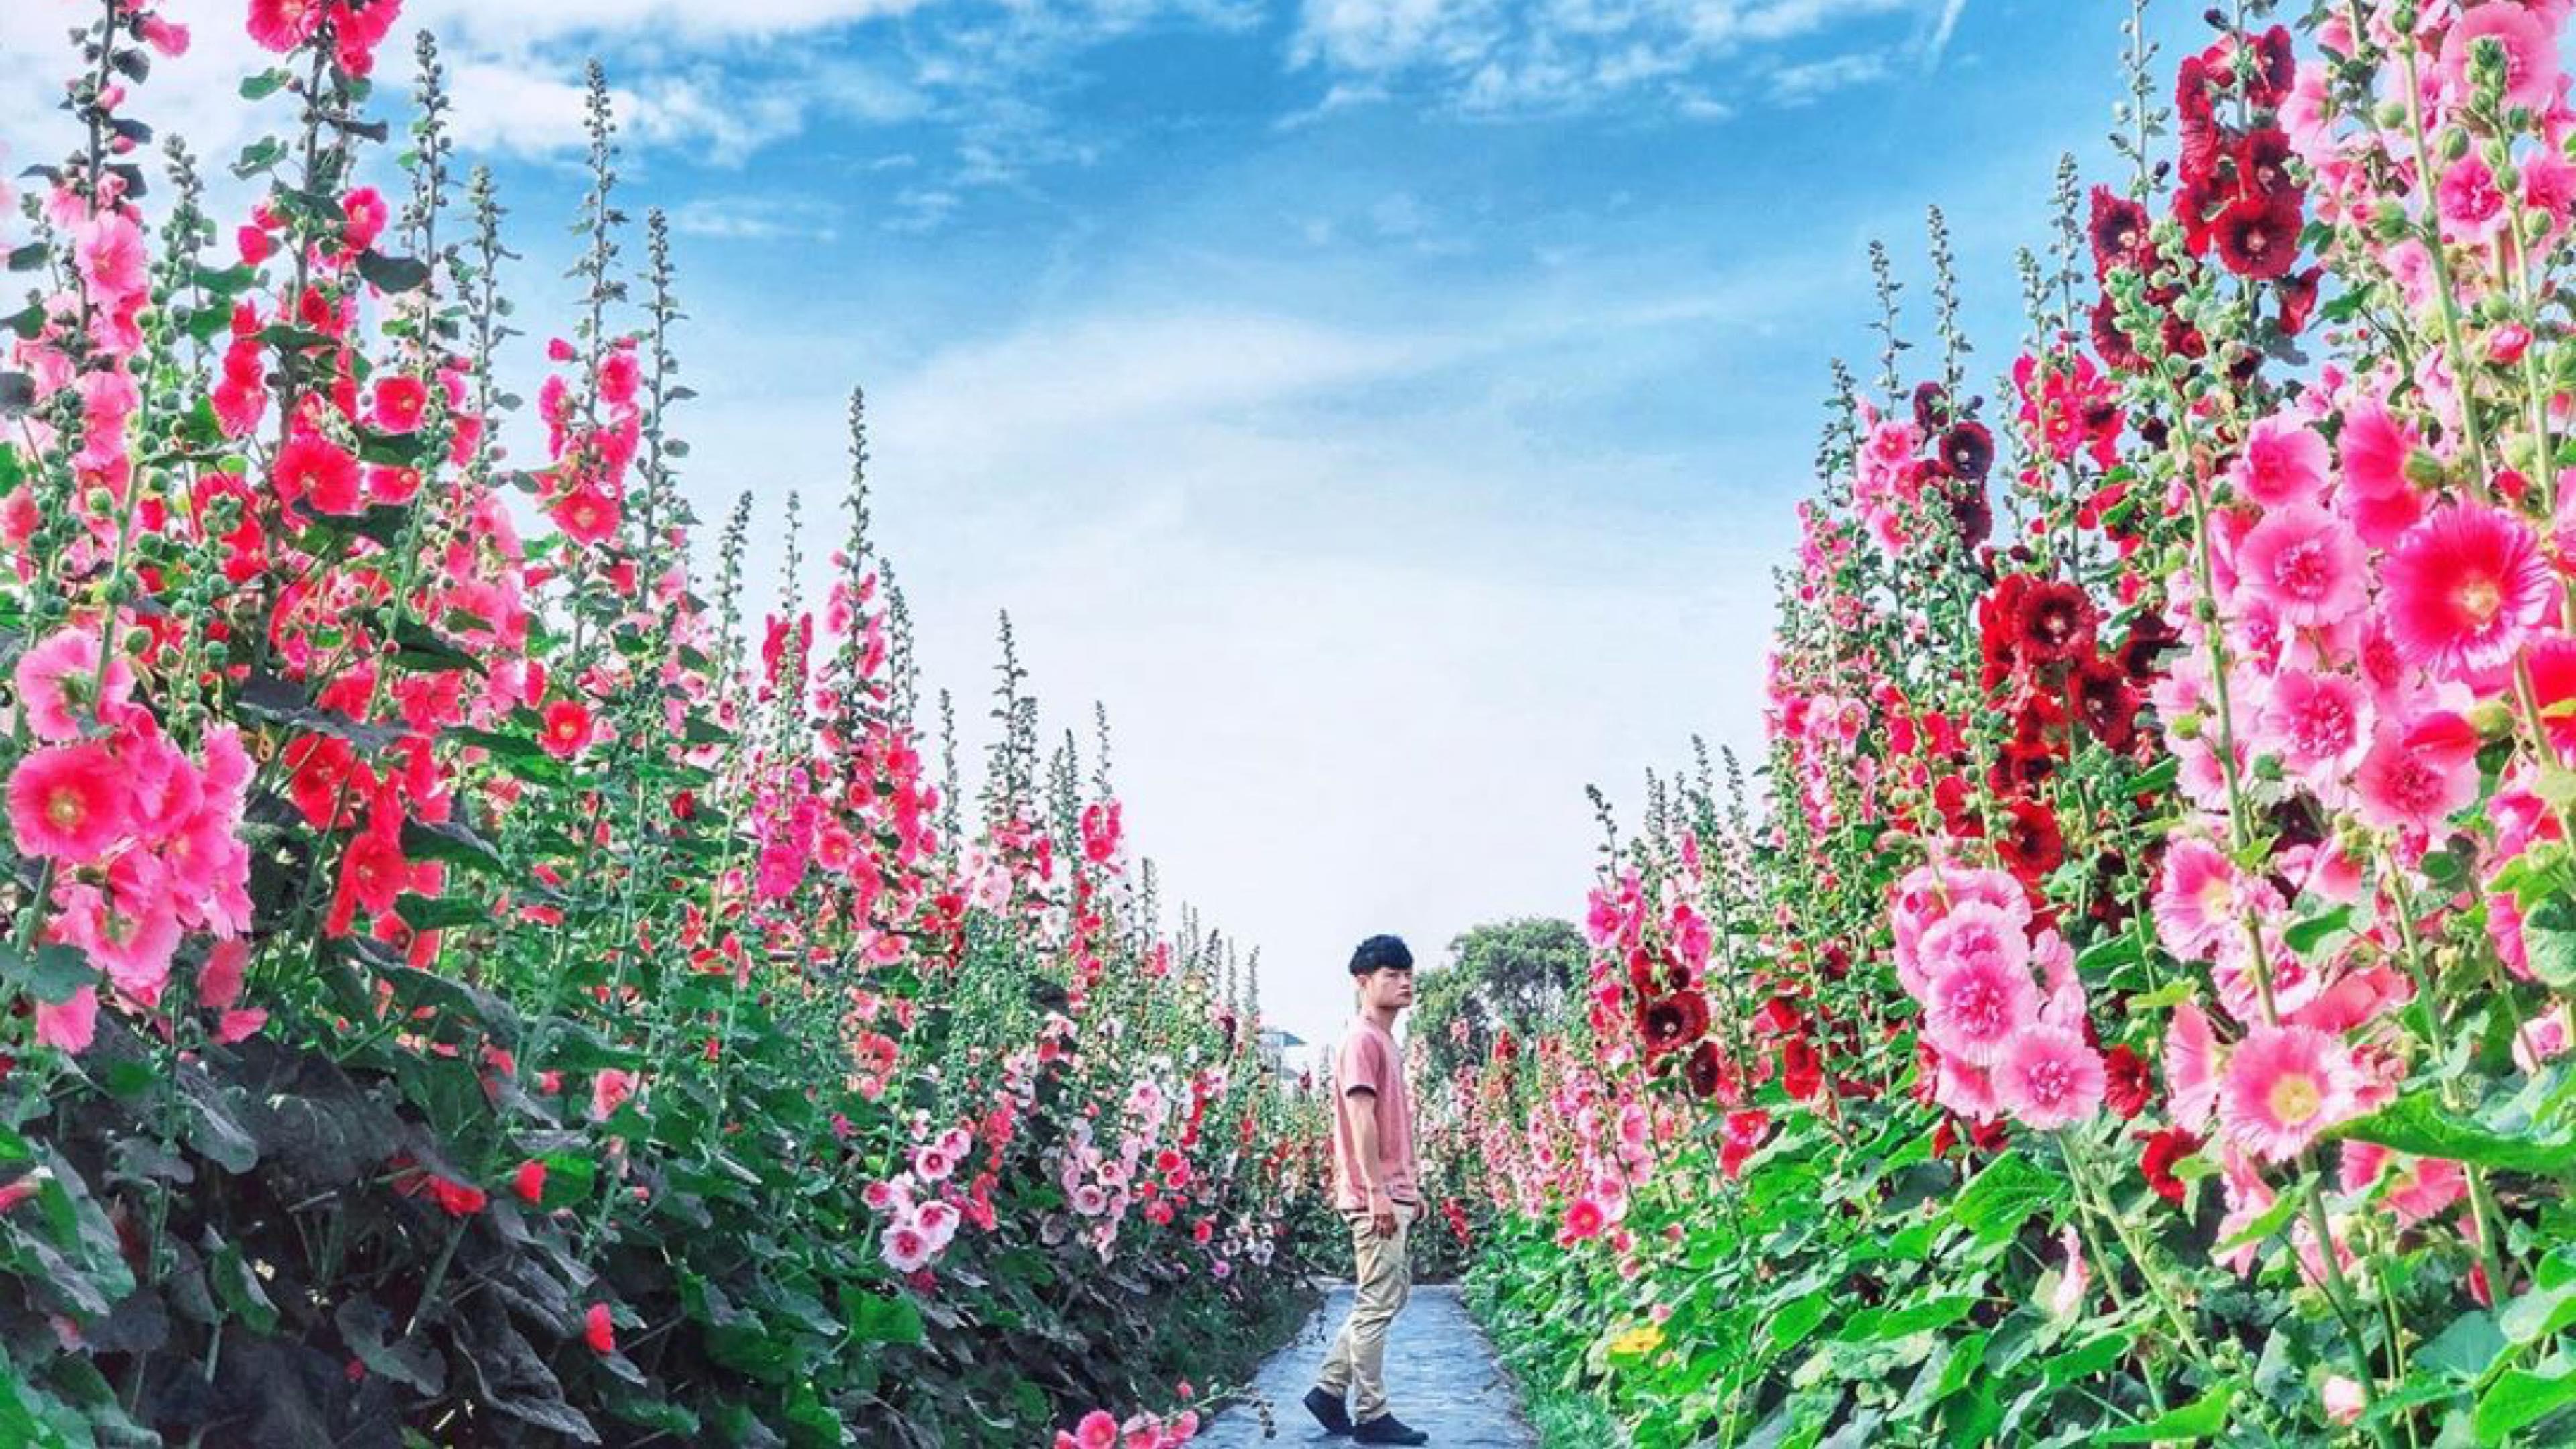 員林蜀葵花季活動取消 花田免費開放入園快拍好拍滿